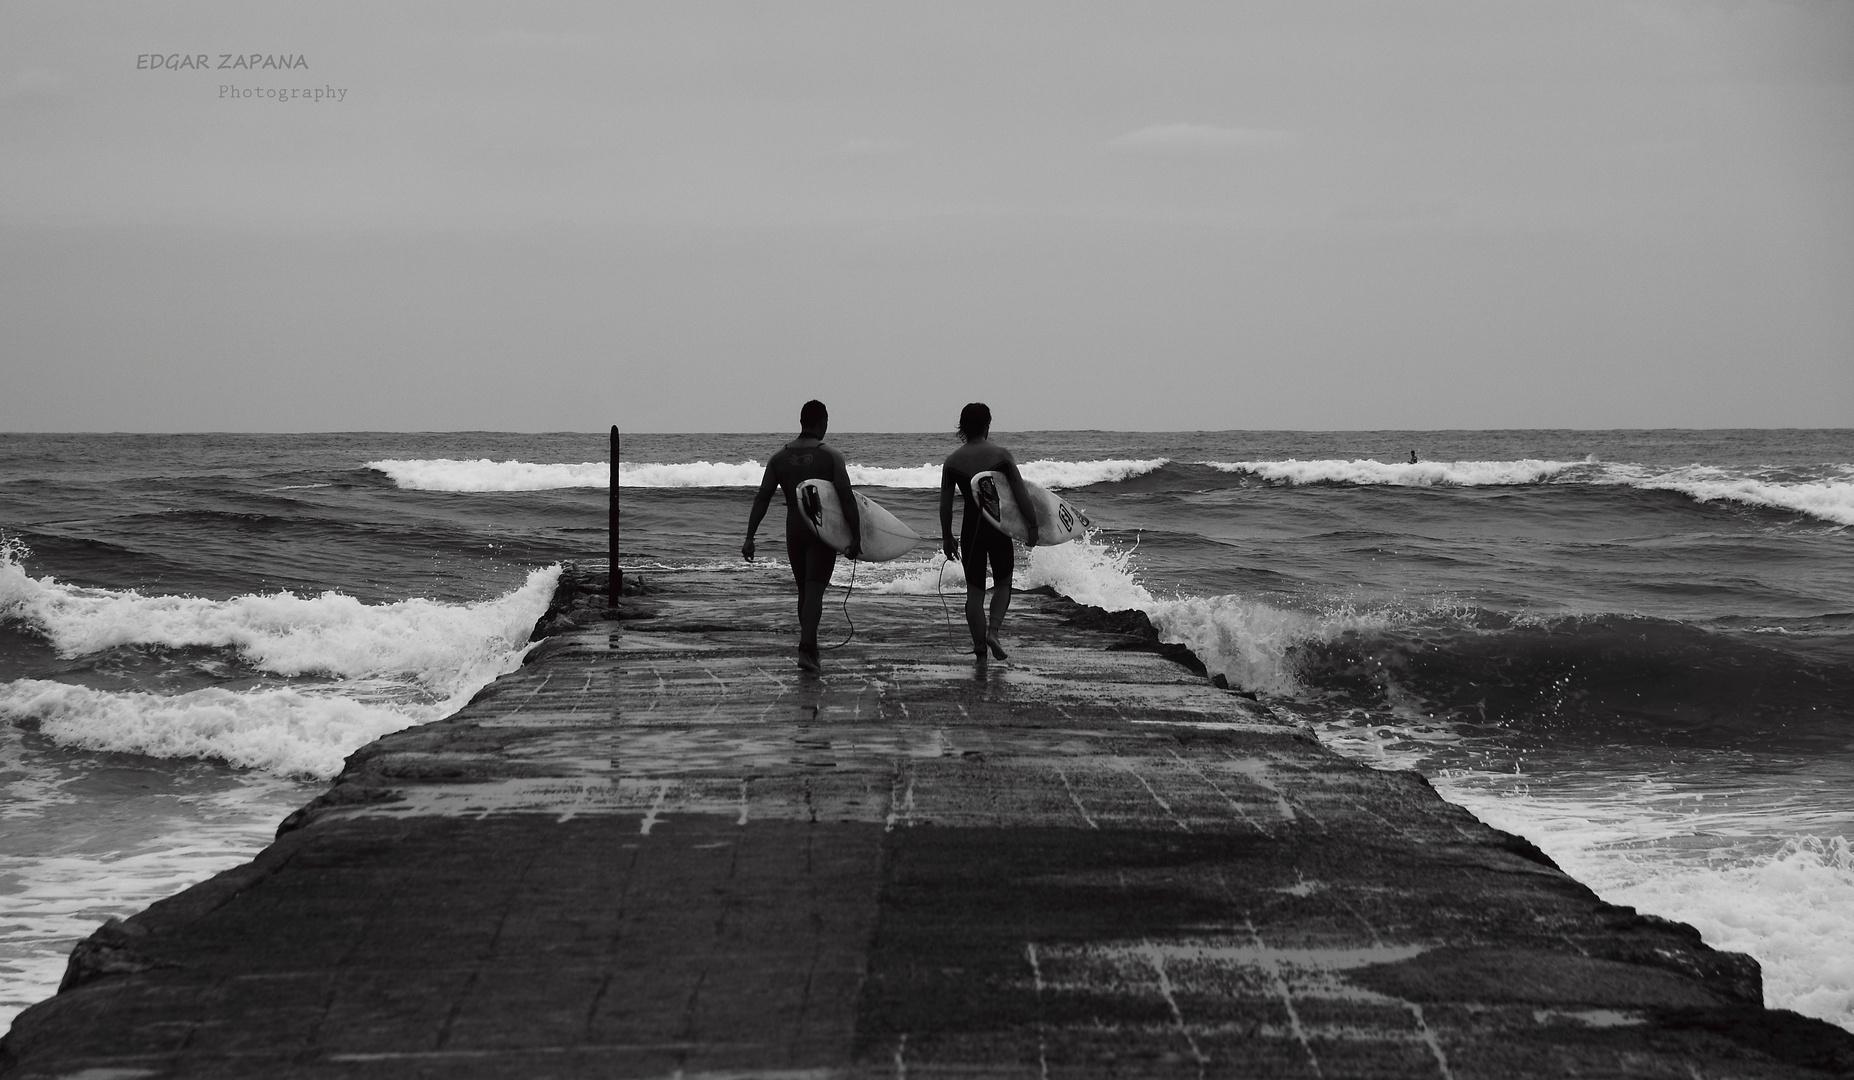 en busca de la ola perfecta